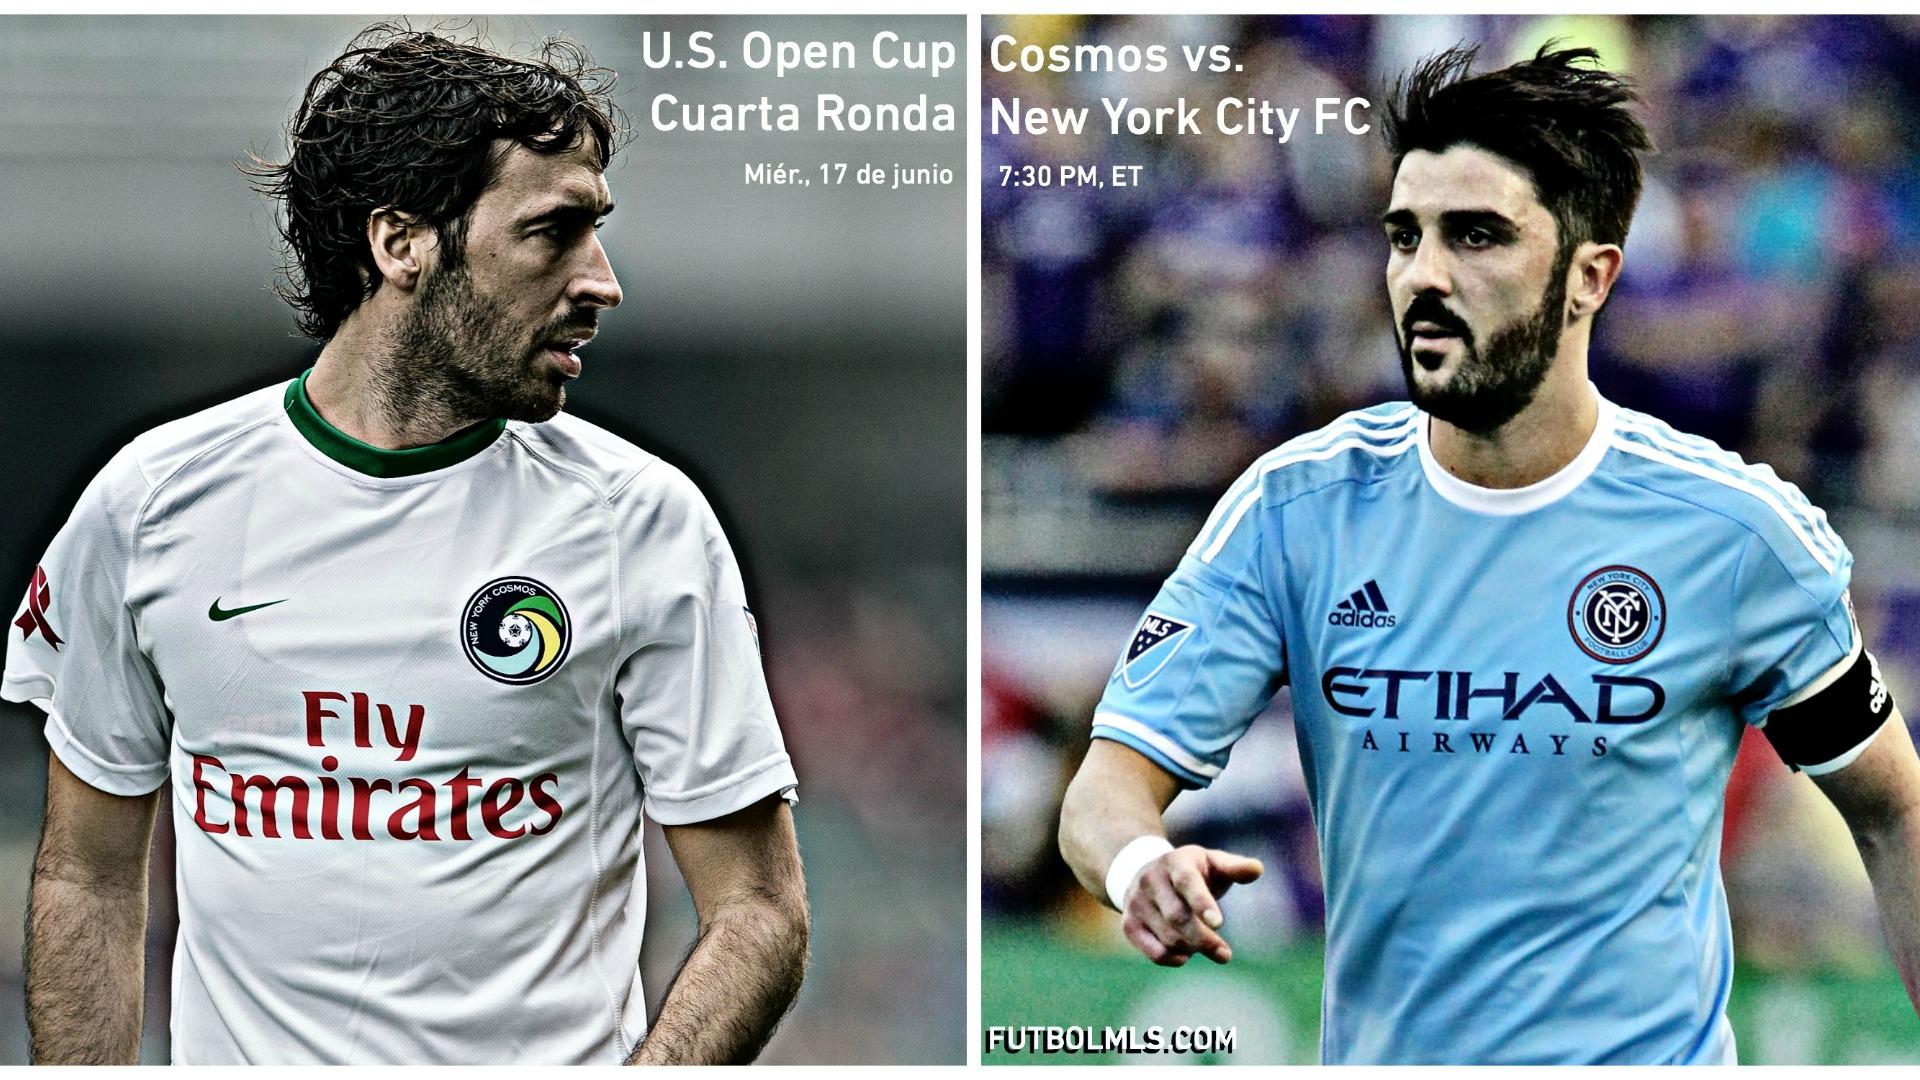 15 cosas que debes saber sobre el partido entre Cosmos y New York City FC por la Open Cup